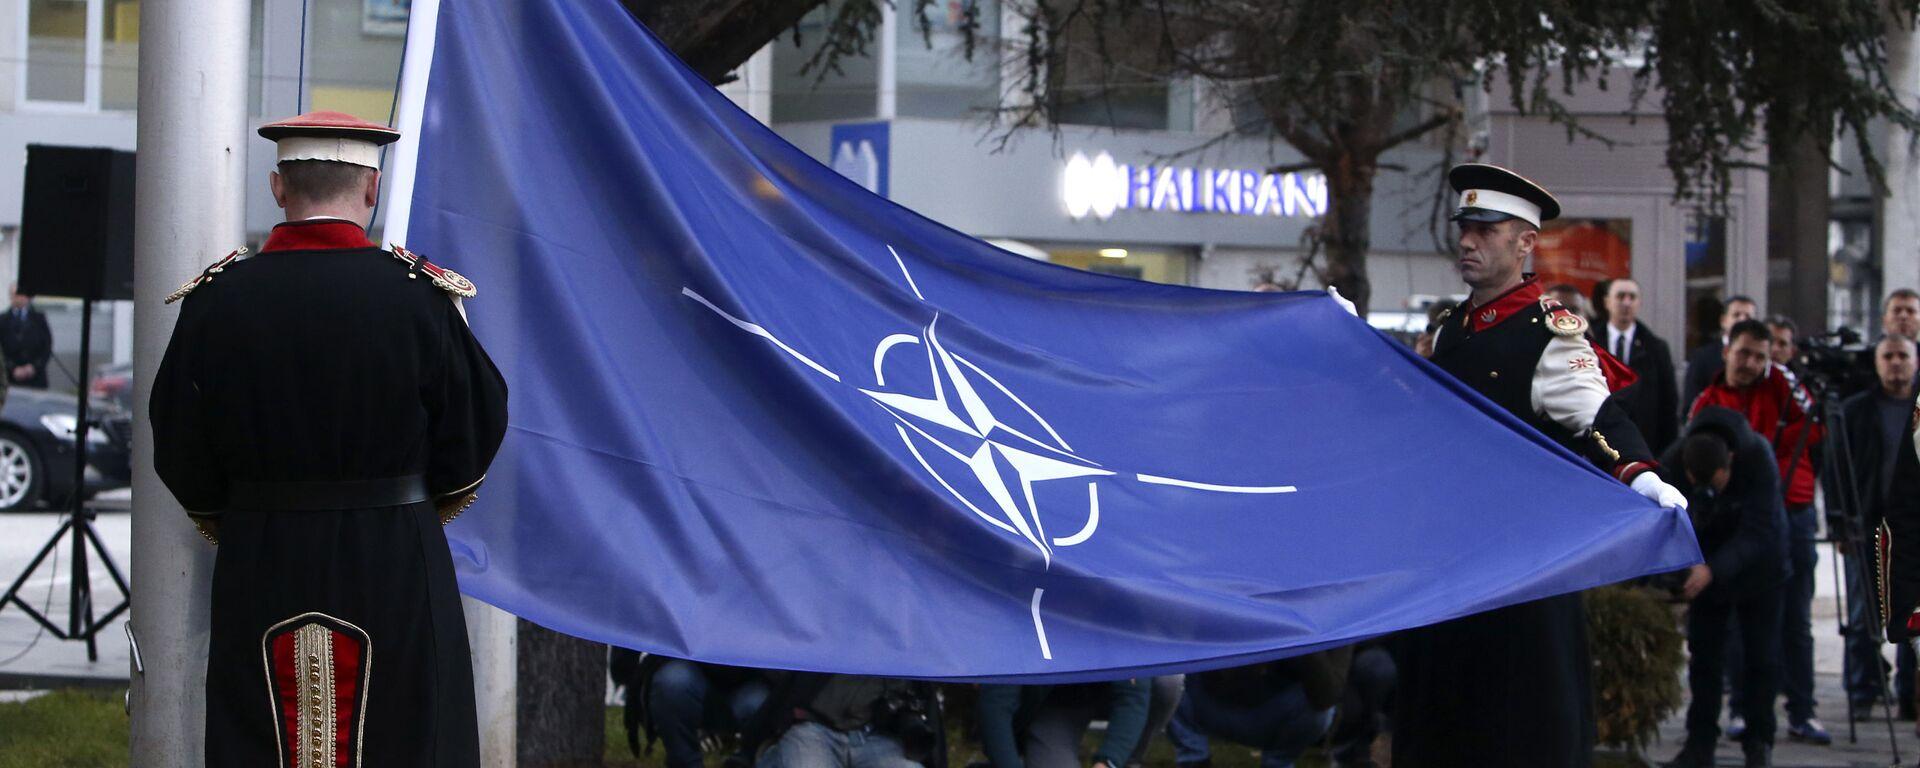 Bandera de la OTAN - Sputnik Mundo, 1920, 25.03.2021